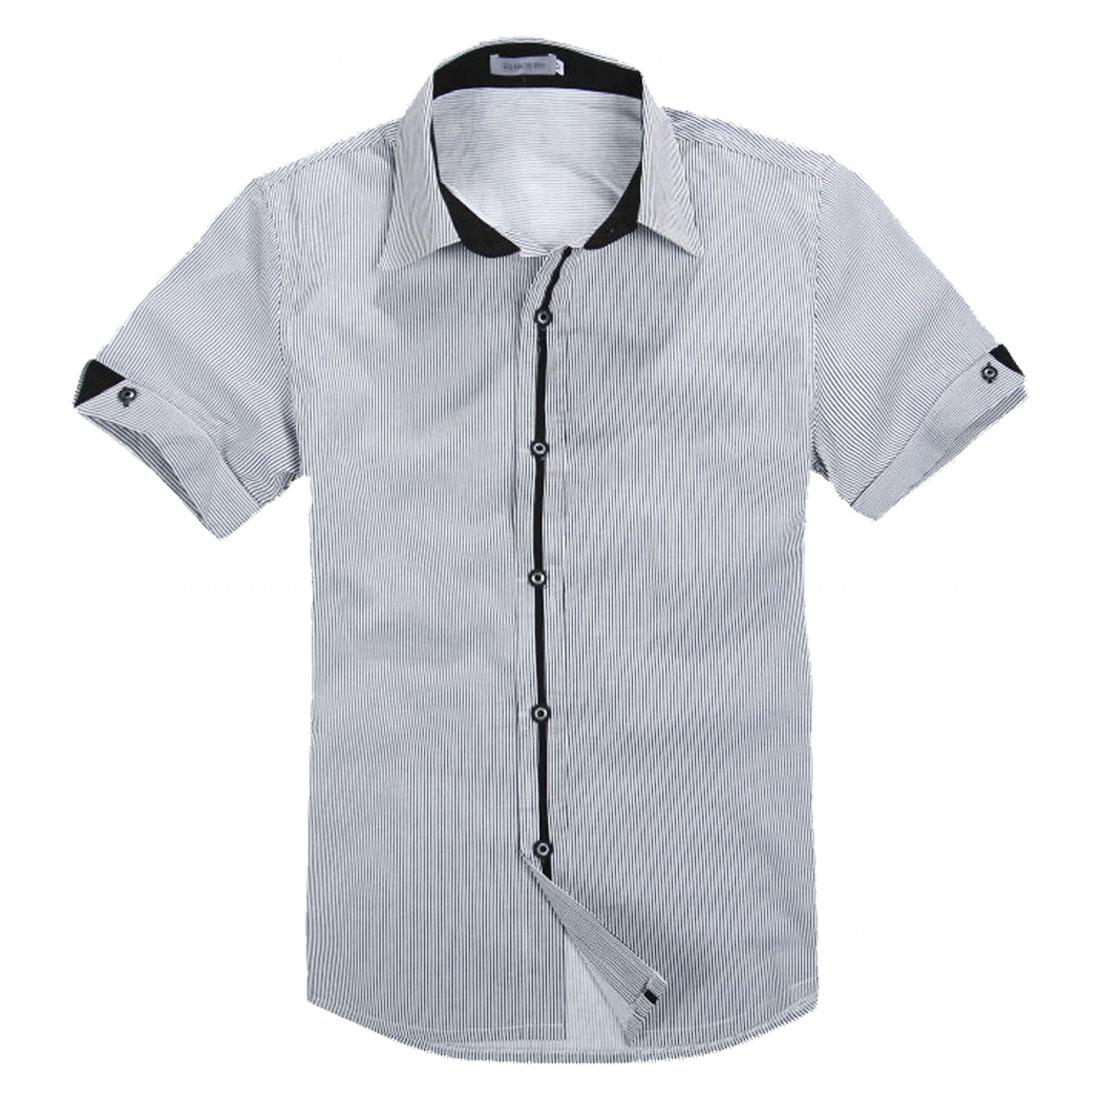 Men Black White Vertical Bar Stripes Point Collar Shirt S